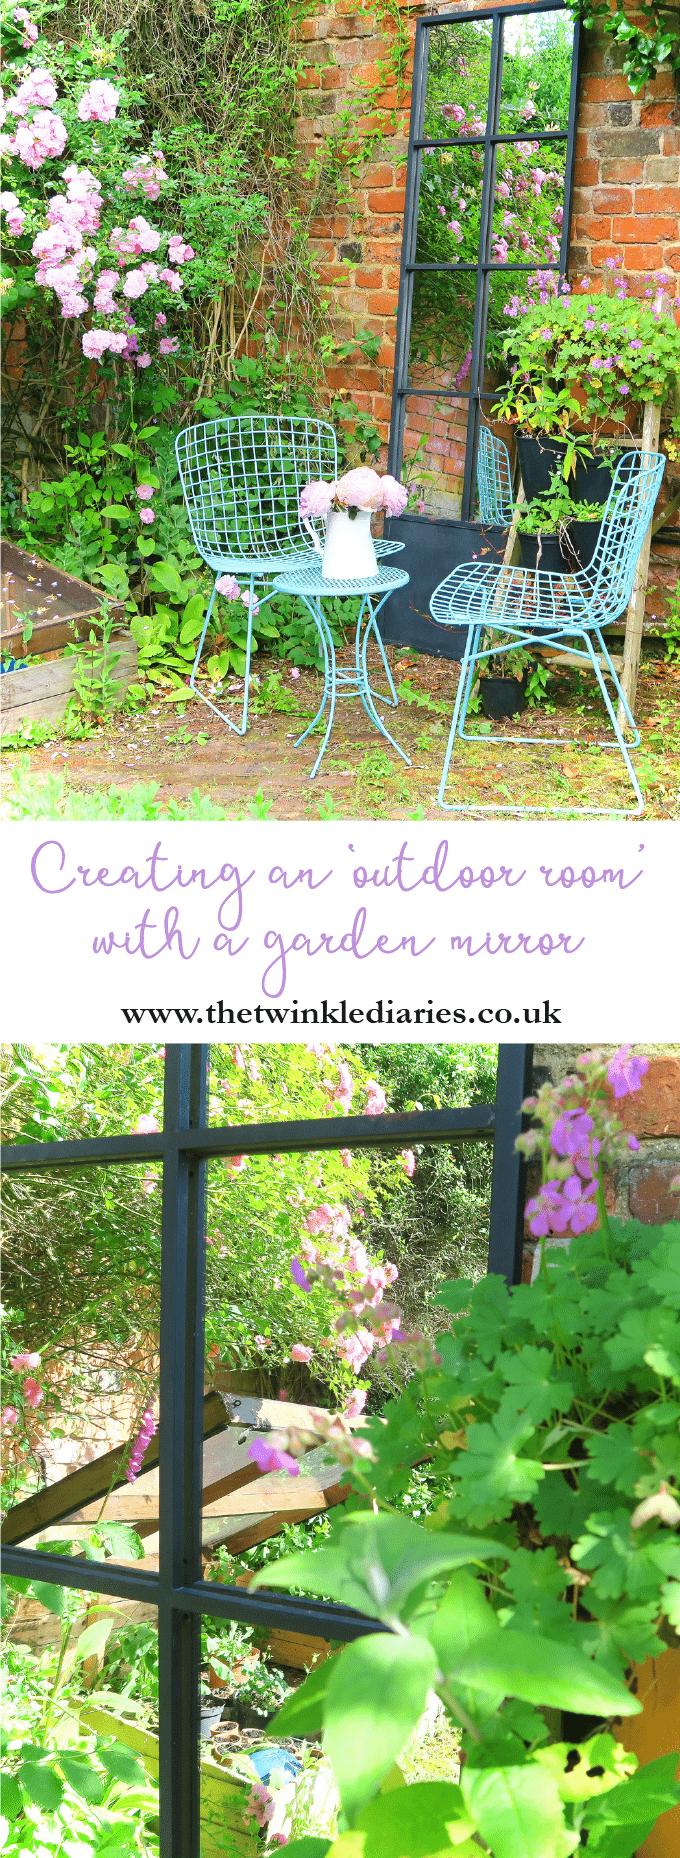 Creating an 'outdoor room' with a garden mirror